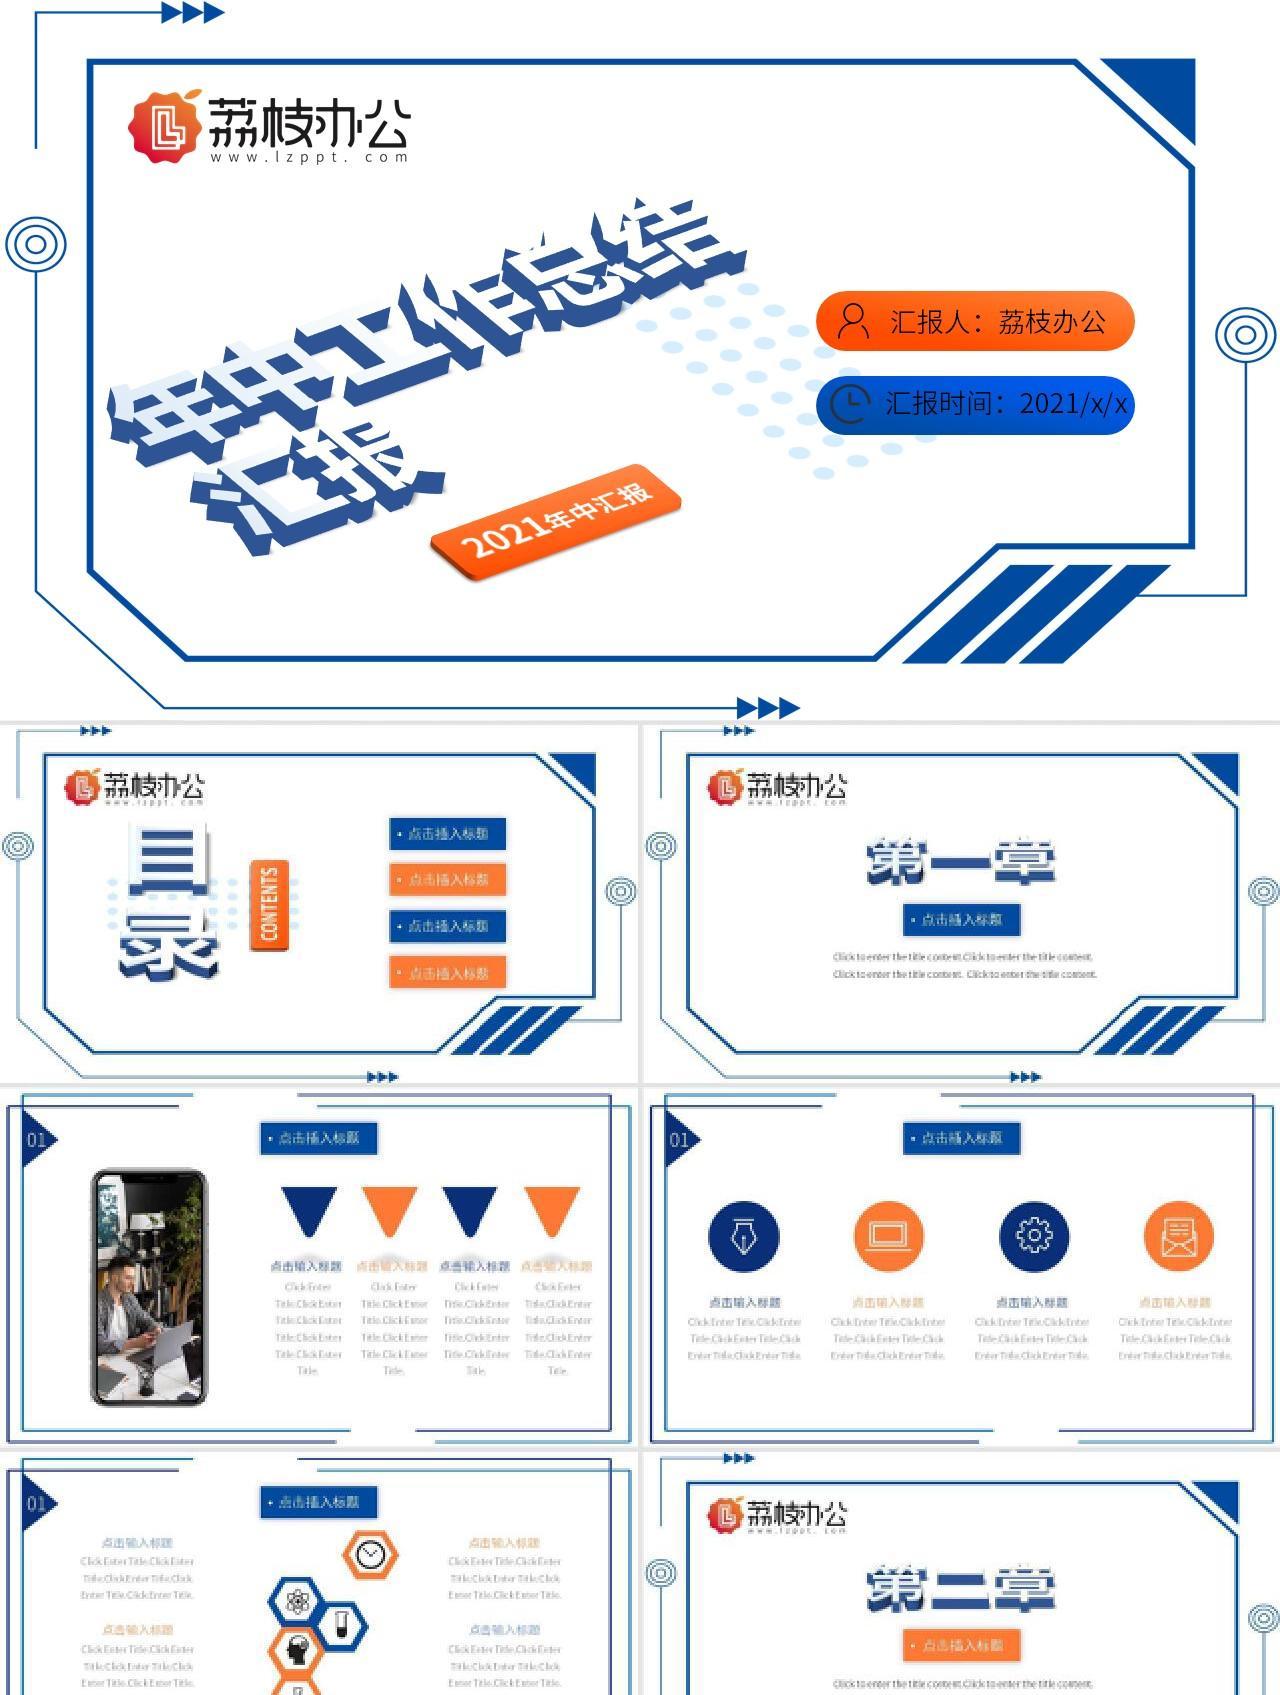 蓝色简约大气商务风年中工作汇报PPT模板